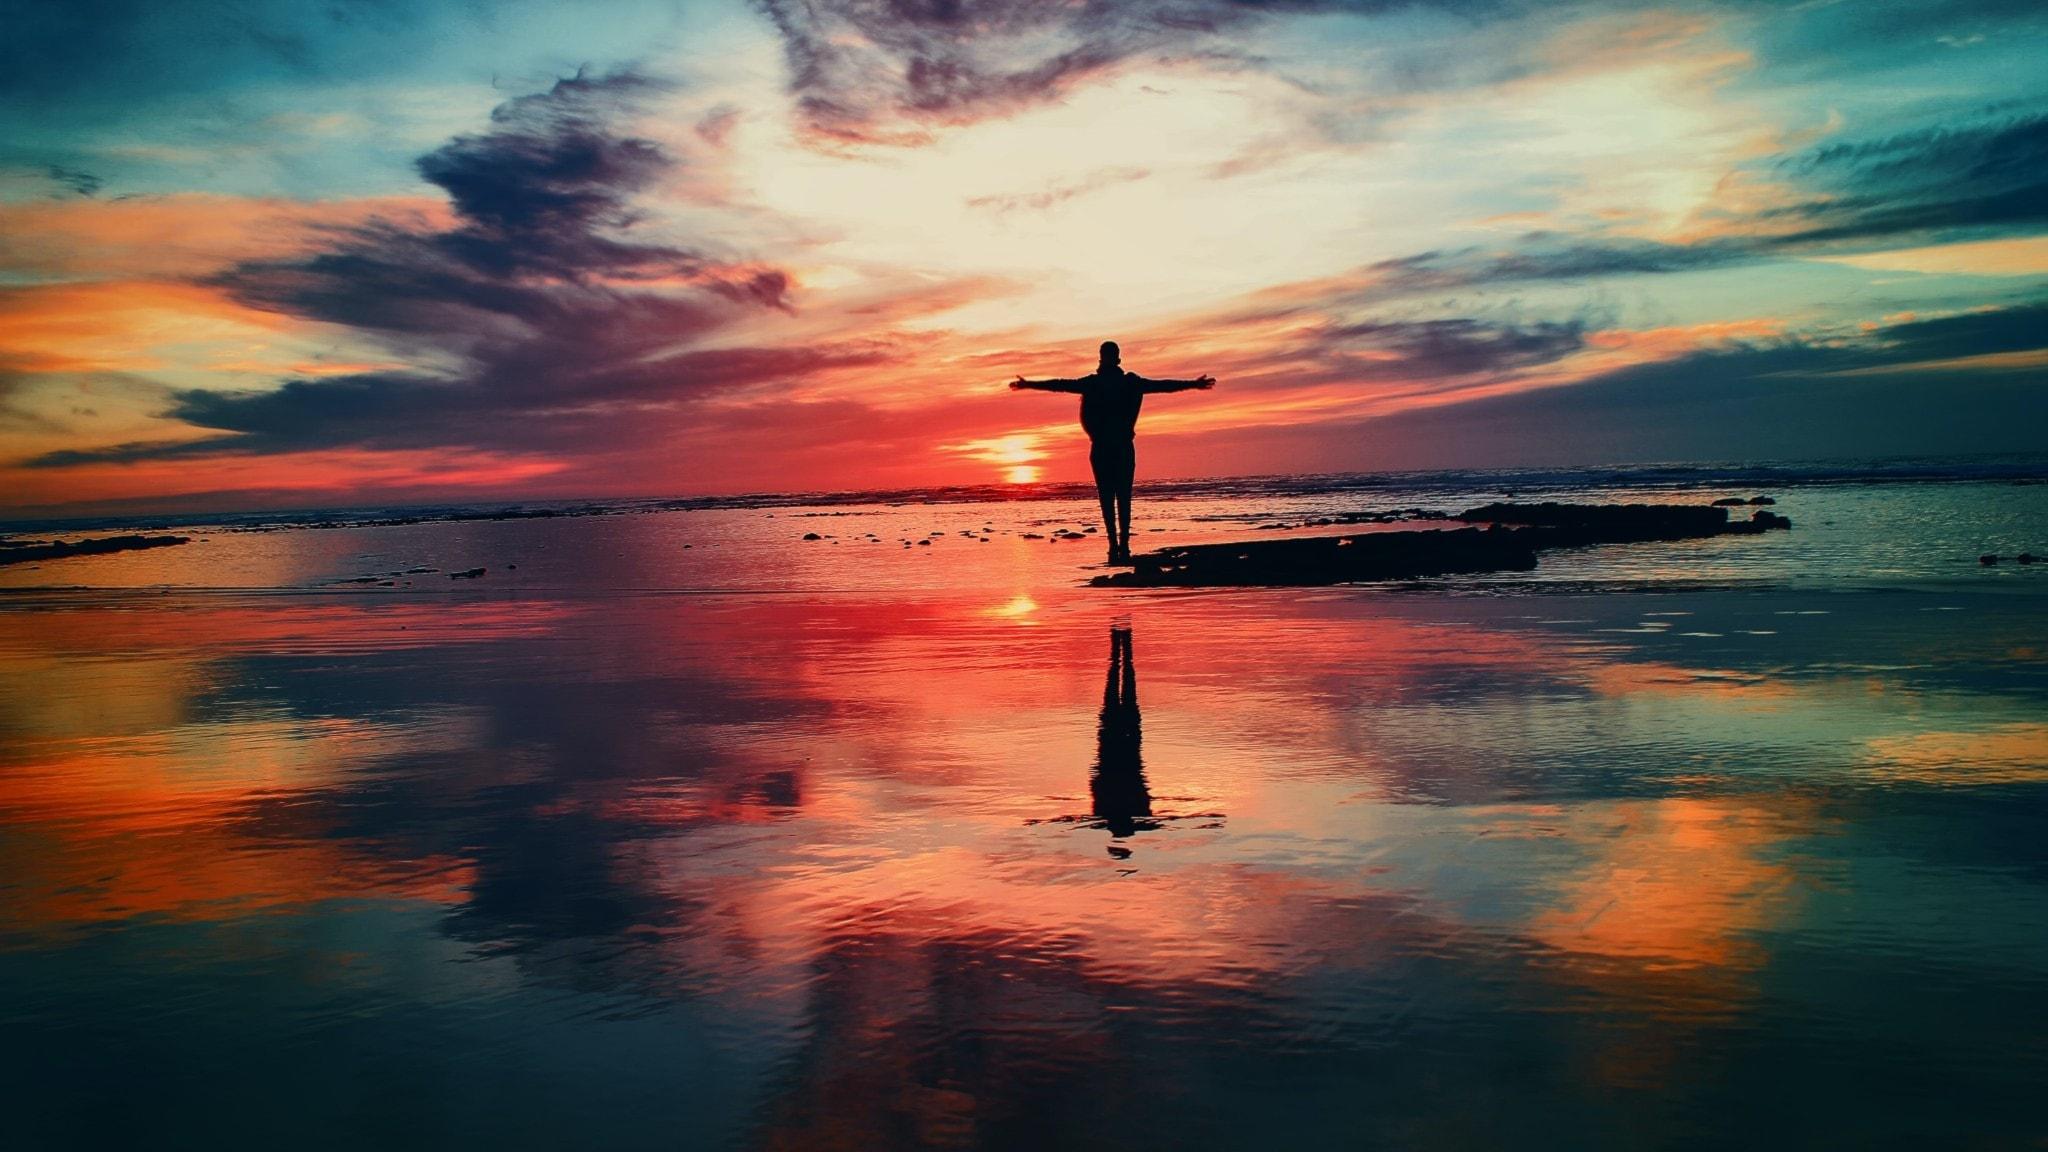 Soluppgång med en person som står på en liten sten ute i grunt vatten